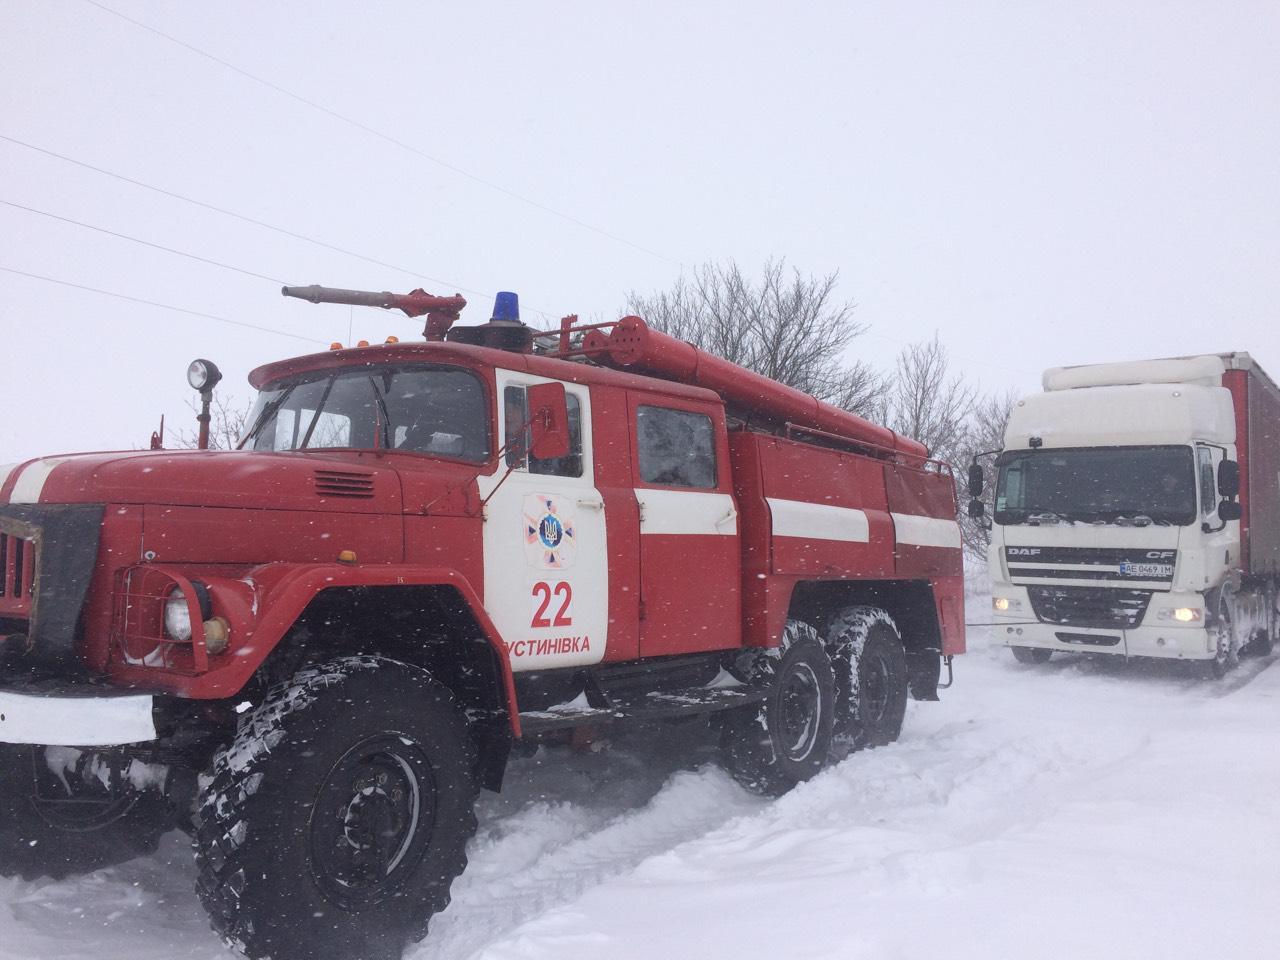 Рятувальники Кіровоградщини вже витягнули з заметів майже 200 автомобілів. ФОТО - 2 - Життя - Без Купюр